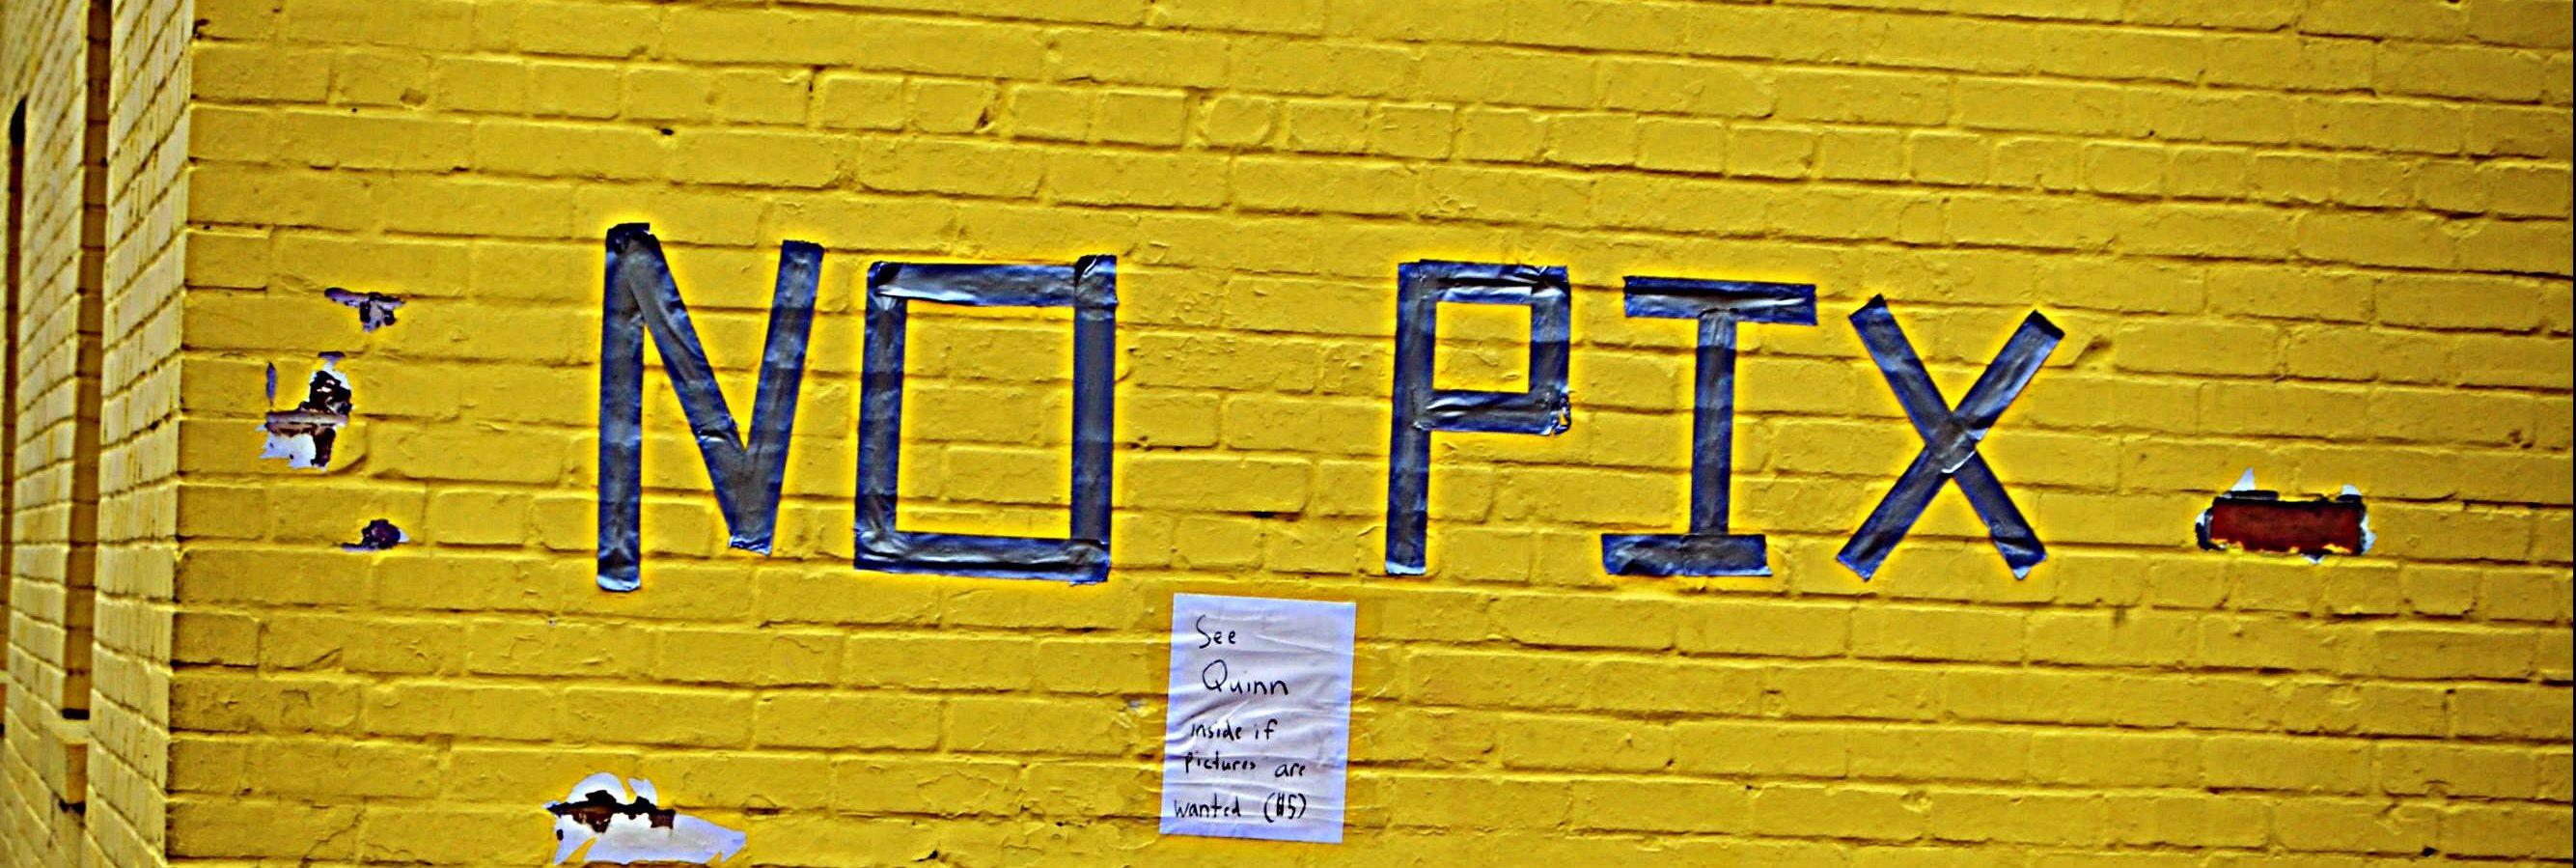 """""""No Pix"""" grafiti art on a yellow brick wall"""